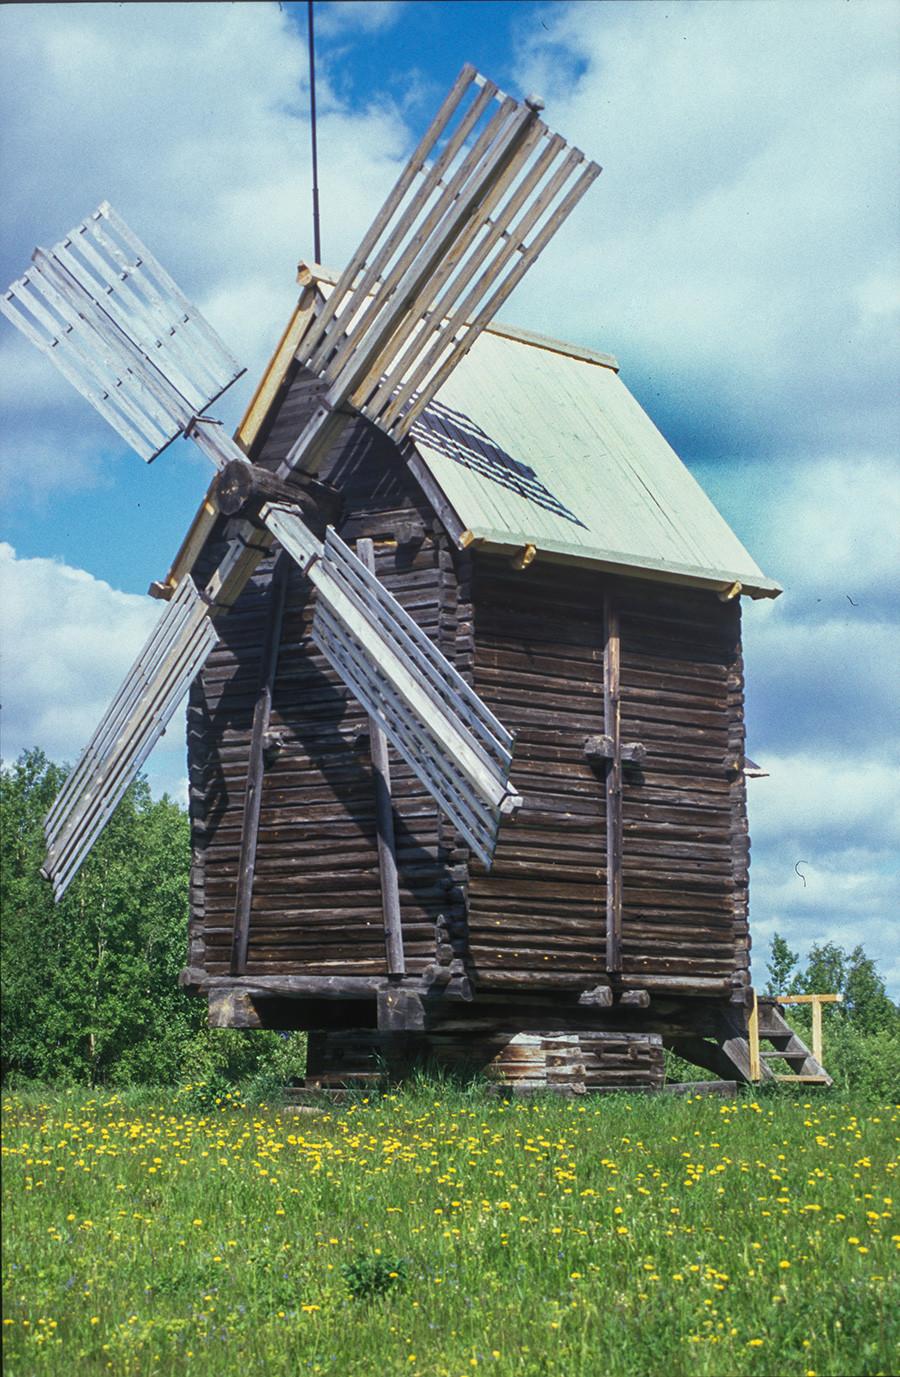 Muzej Malije Koreli. Mlin na veter, prvotno v vasi Kalgačiha. 23. junij 2003